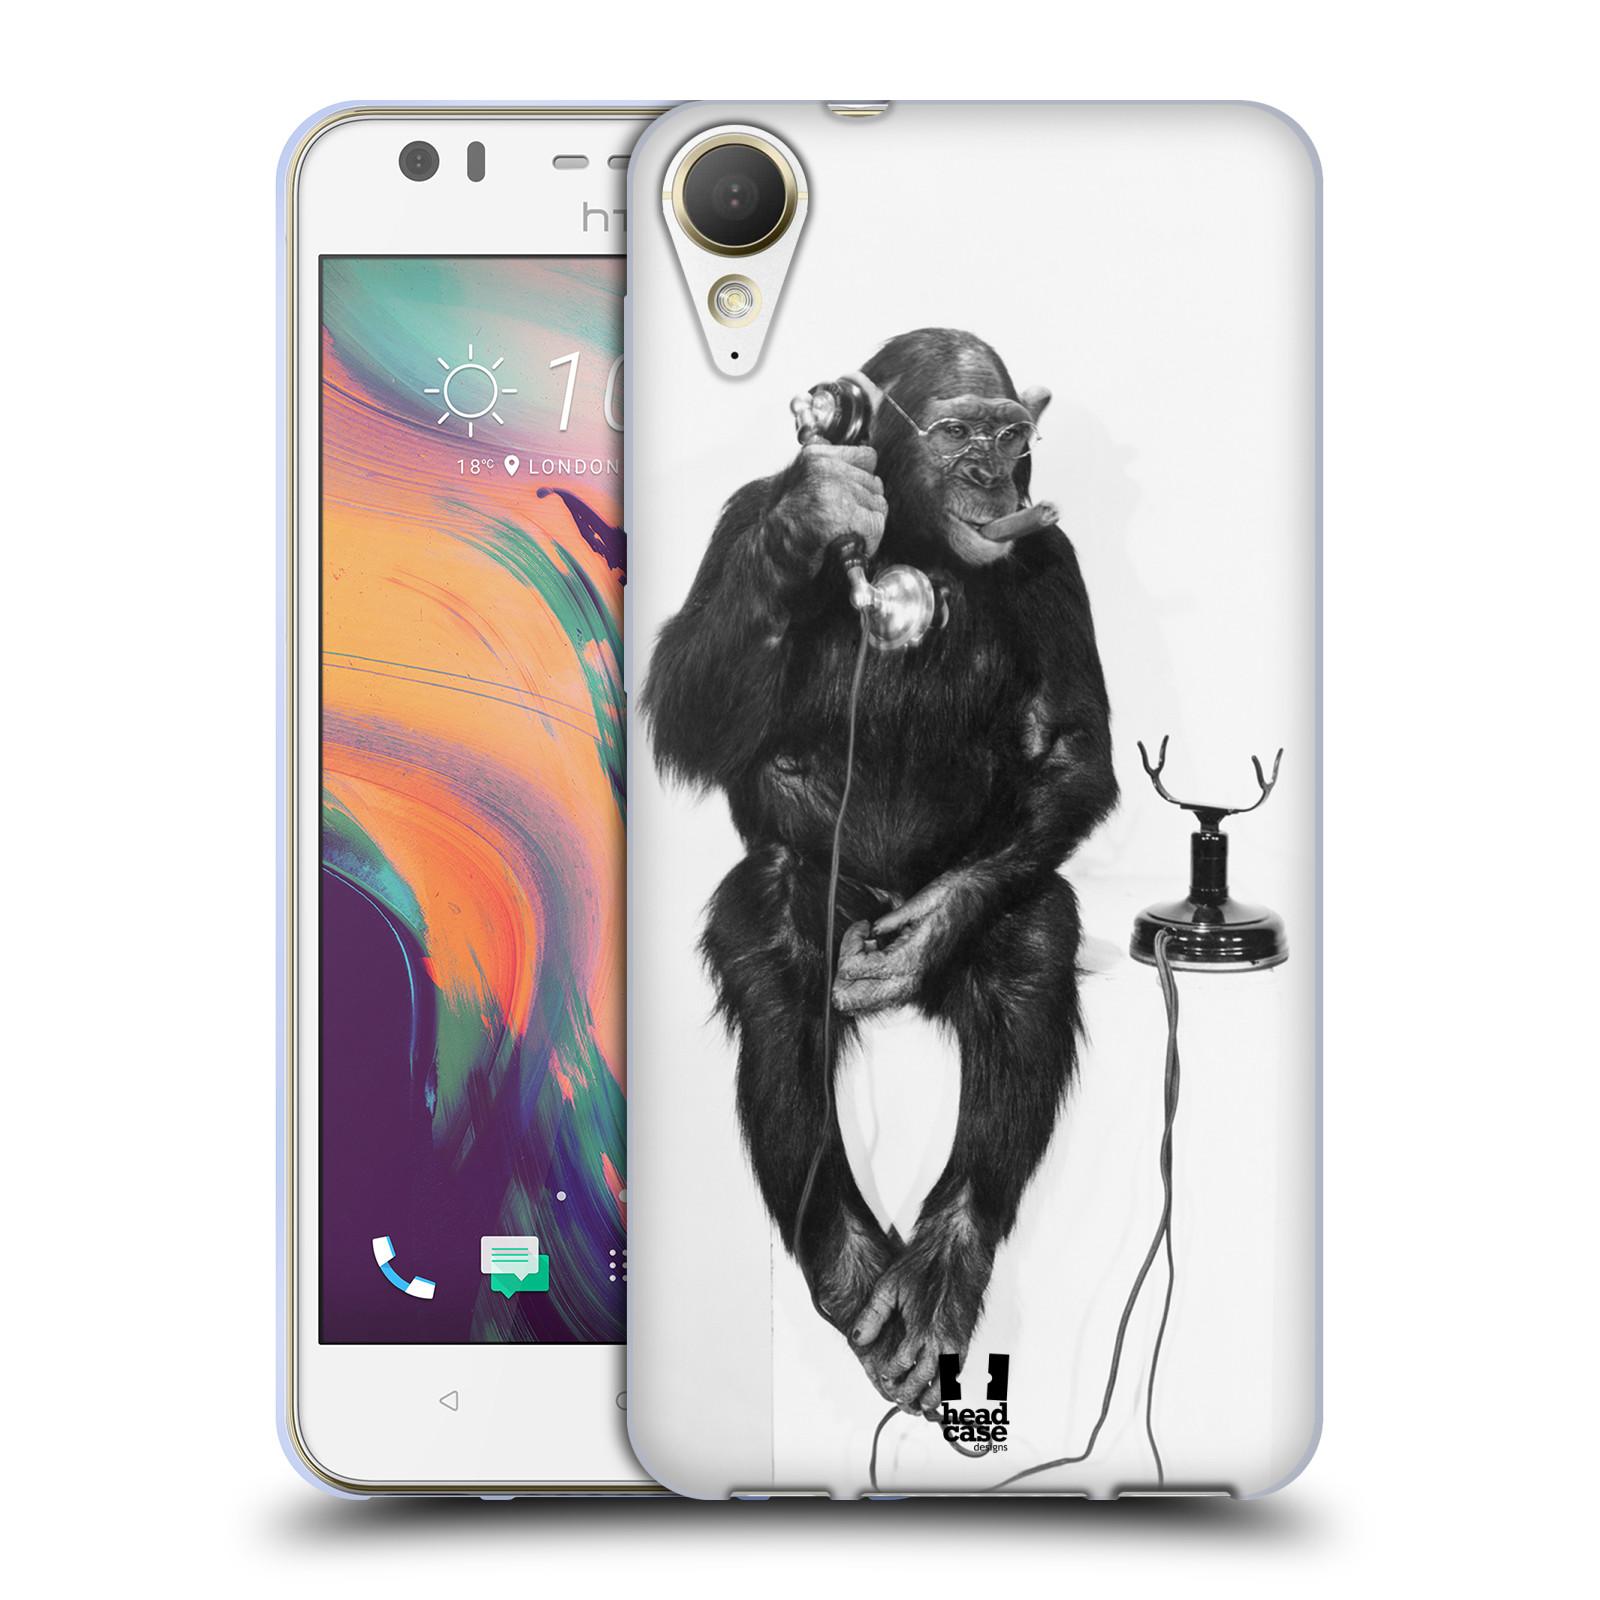 Silikonové pouzdro na mobil HTC Desire 10 Lifestyle - Head Case - OPIČÁK S TELEFONEM (Silikonový kryt či obal na mobilní telefon HTC Desire 10 Lifestyle s motivem OPIČÁK S TELEFONEM)